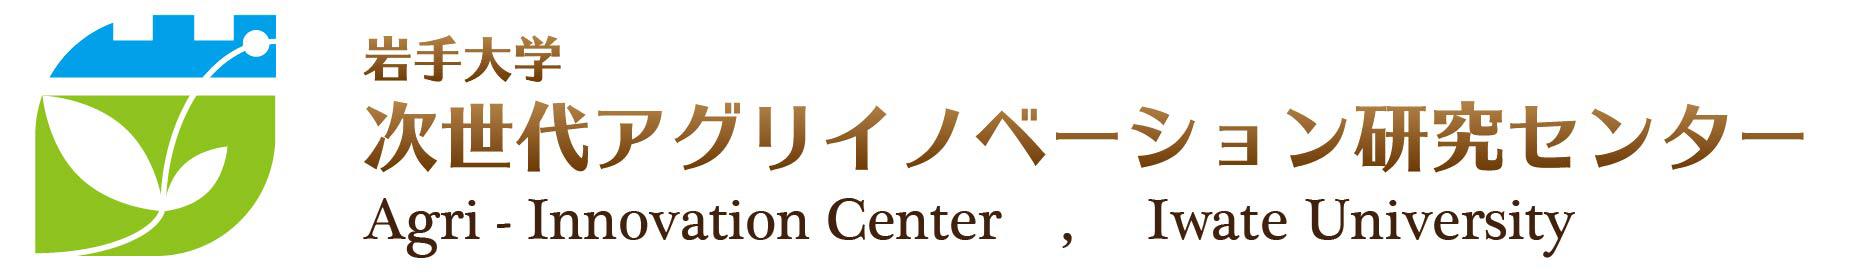 岩手大学 次世代アグリイノベーション研究センター